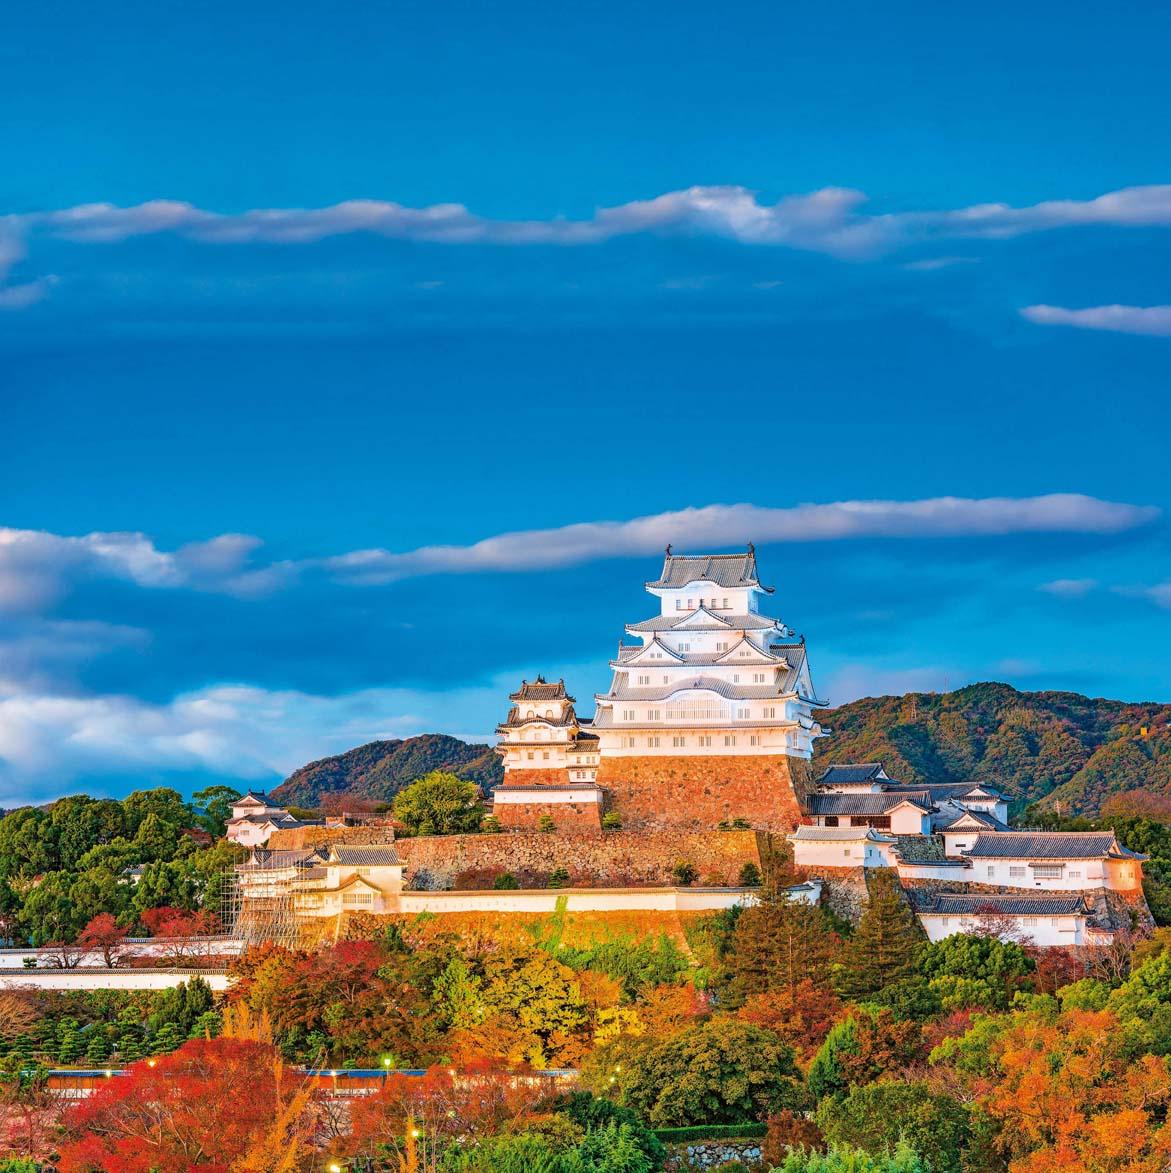 Himeji je jedan od najbolje sačuvanih srednjovjekovnih dvoraca u Japanu